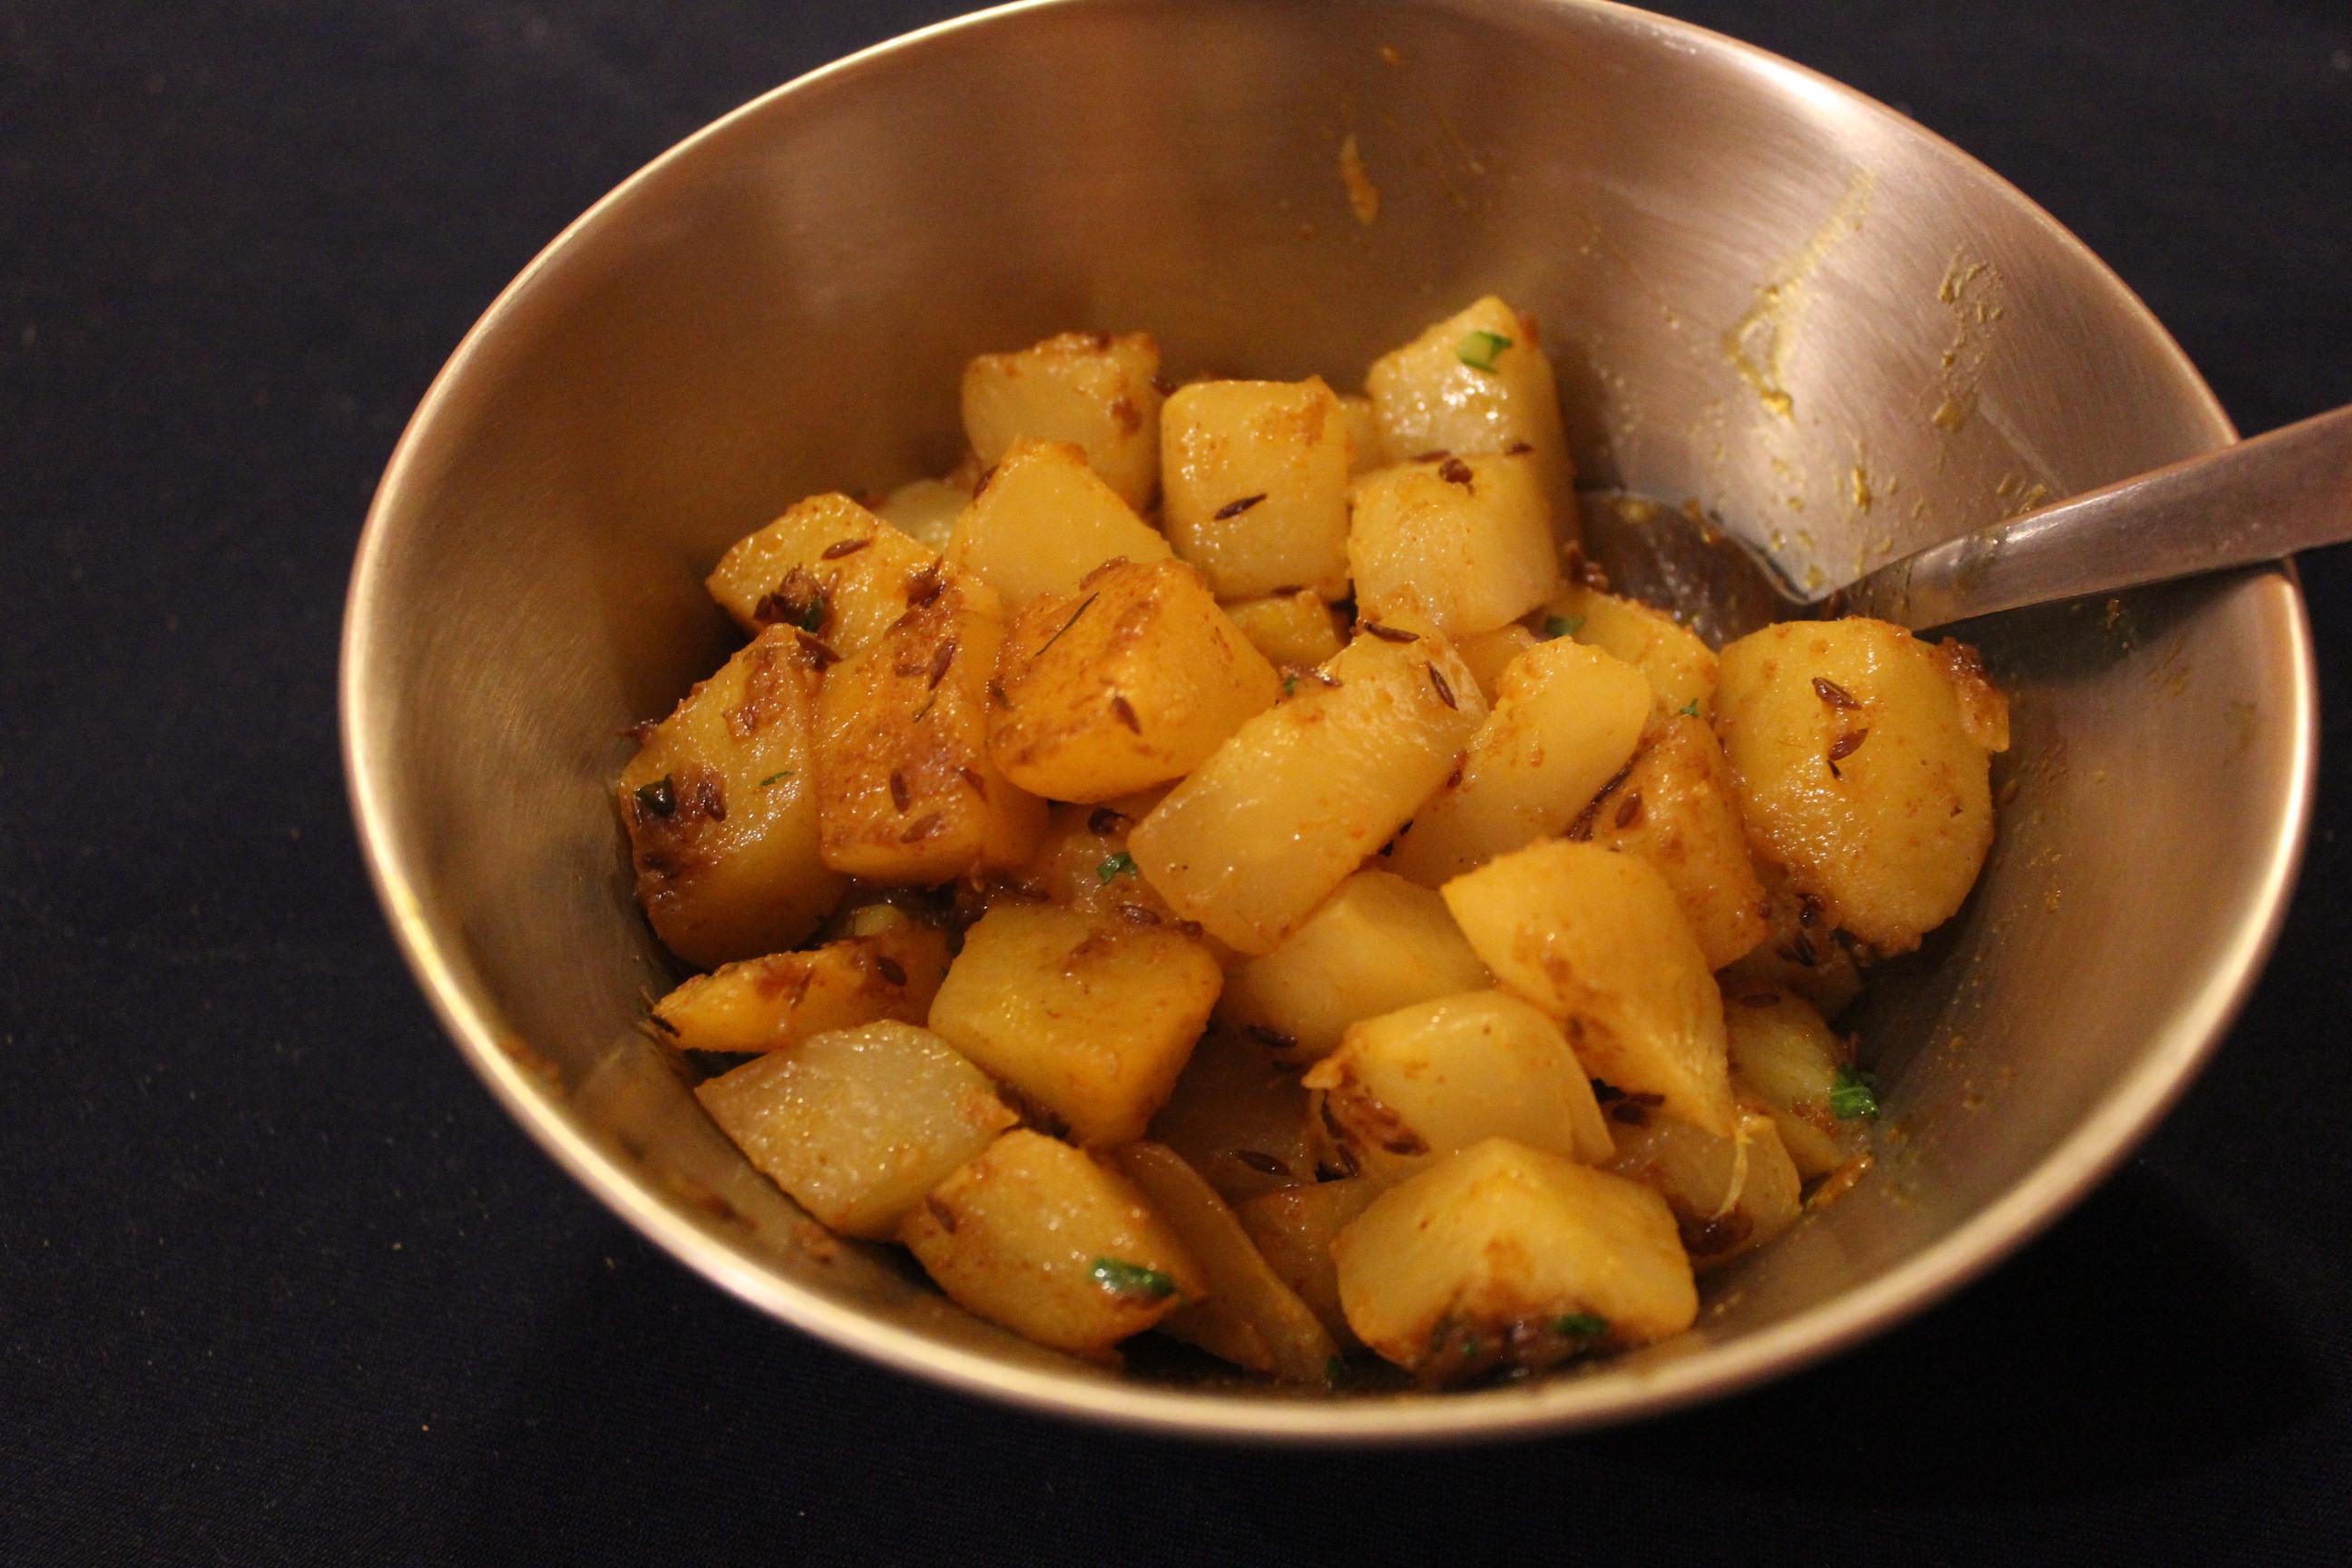 インド家庭料理の趣 「芋とカブのサブジ」のレシピ